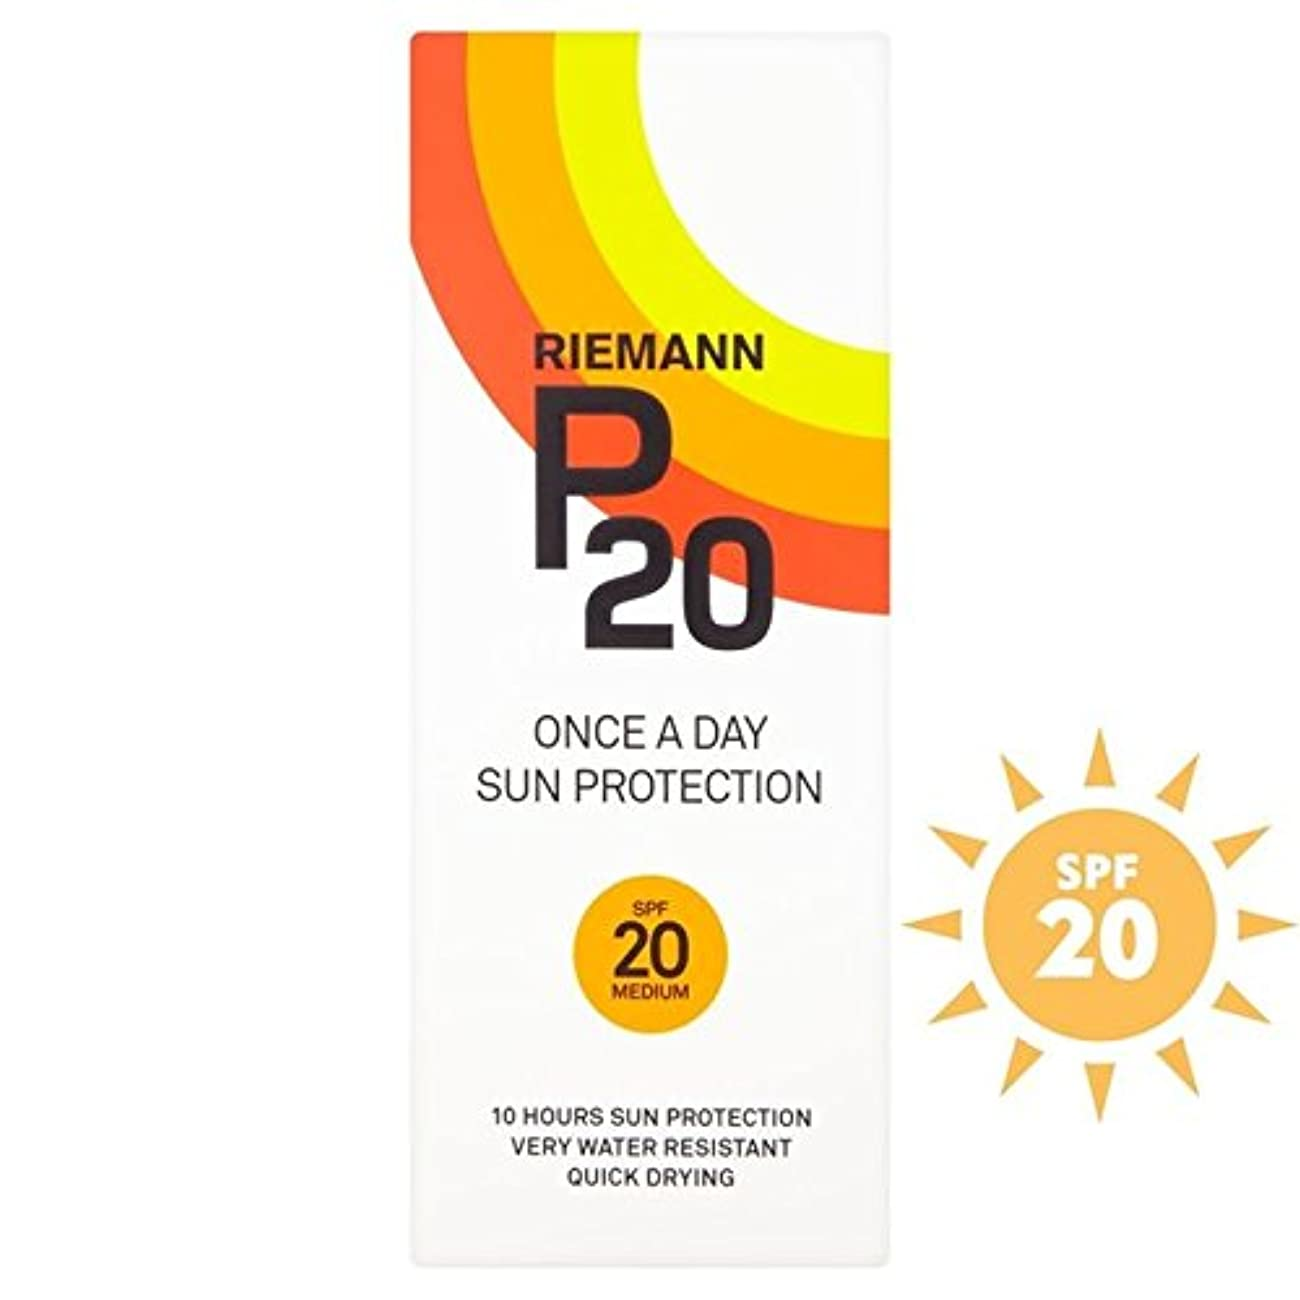 バックグラウンドおかしいエンジニアリングRiemann P20 SPF20 1 Day/10 Hour Protection 200ml (Pack of 6) - リーマン20 20 1日/ 10時間の保護200ミリリットル x6 [並行輸入品]